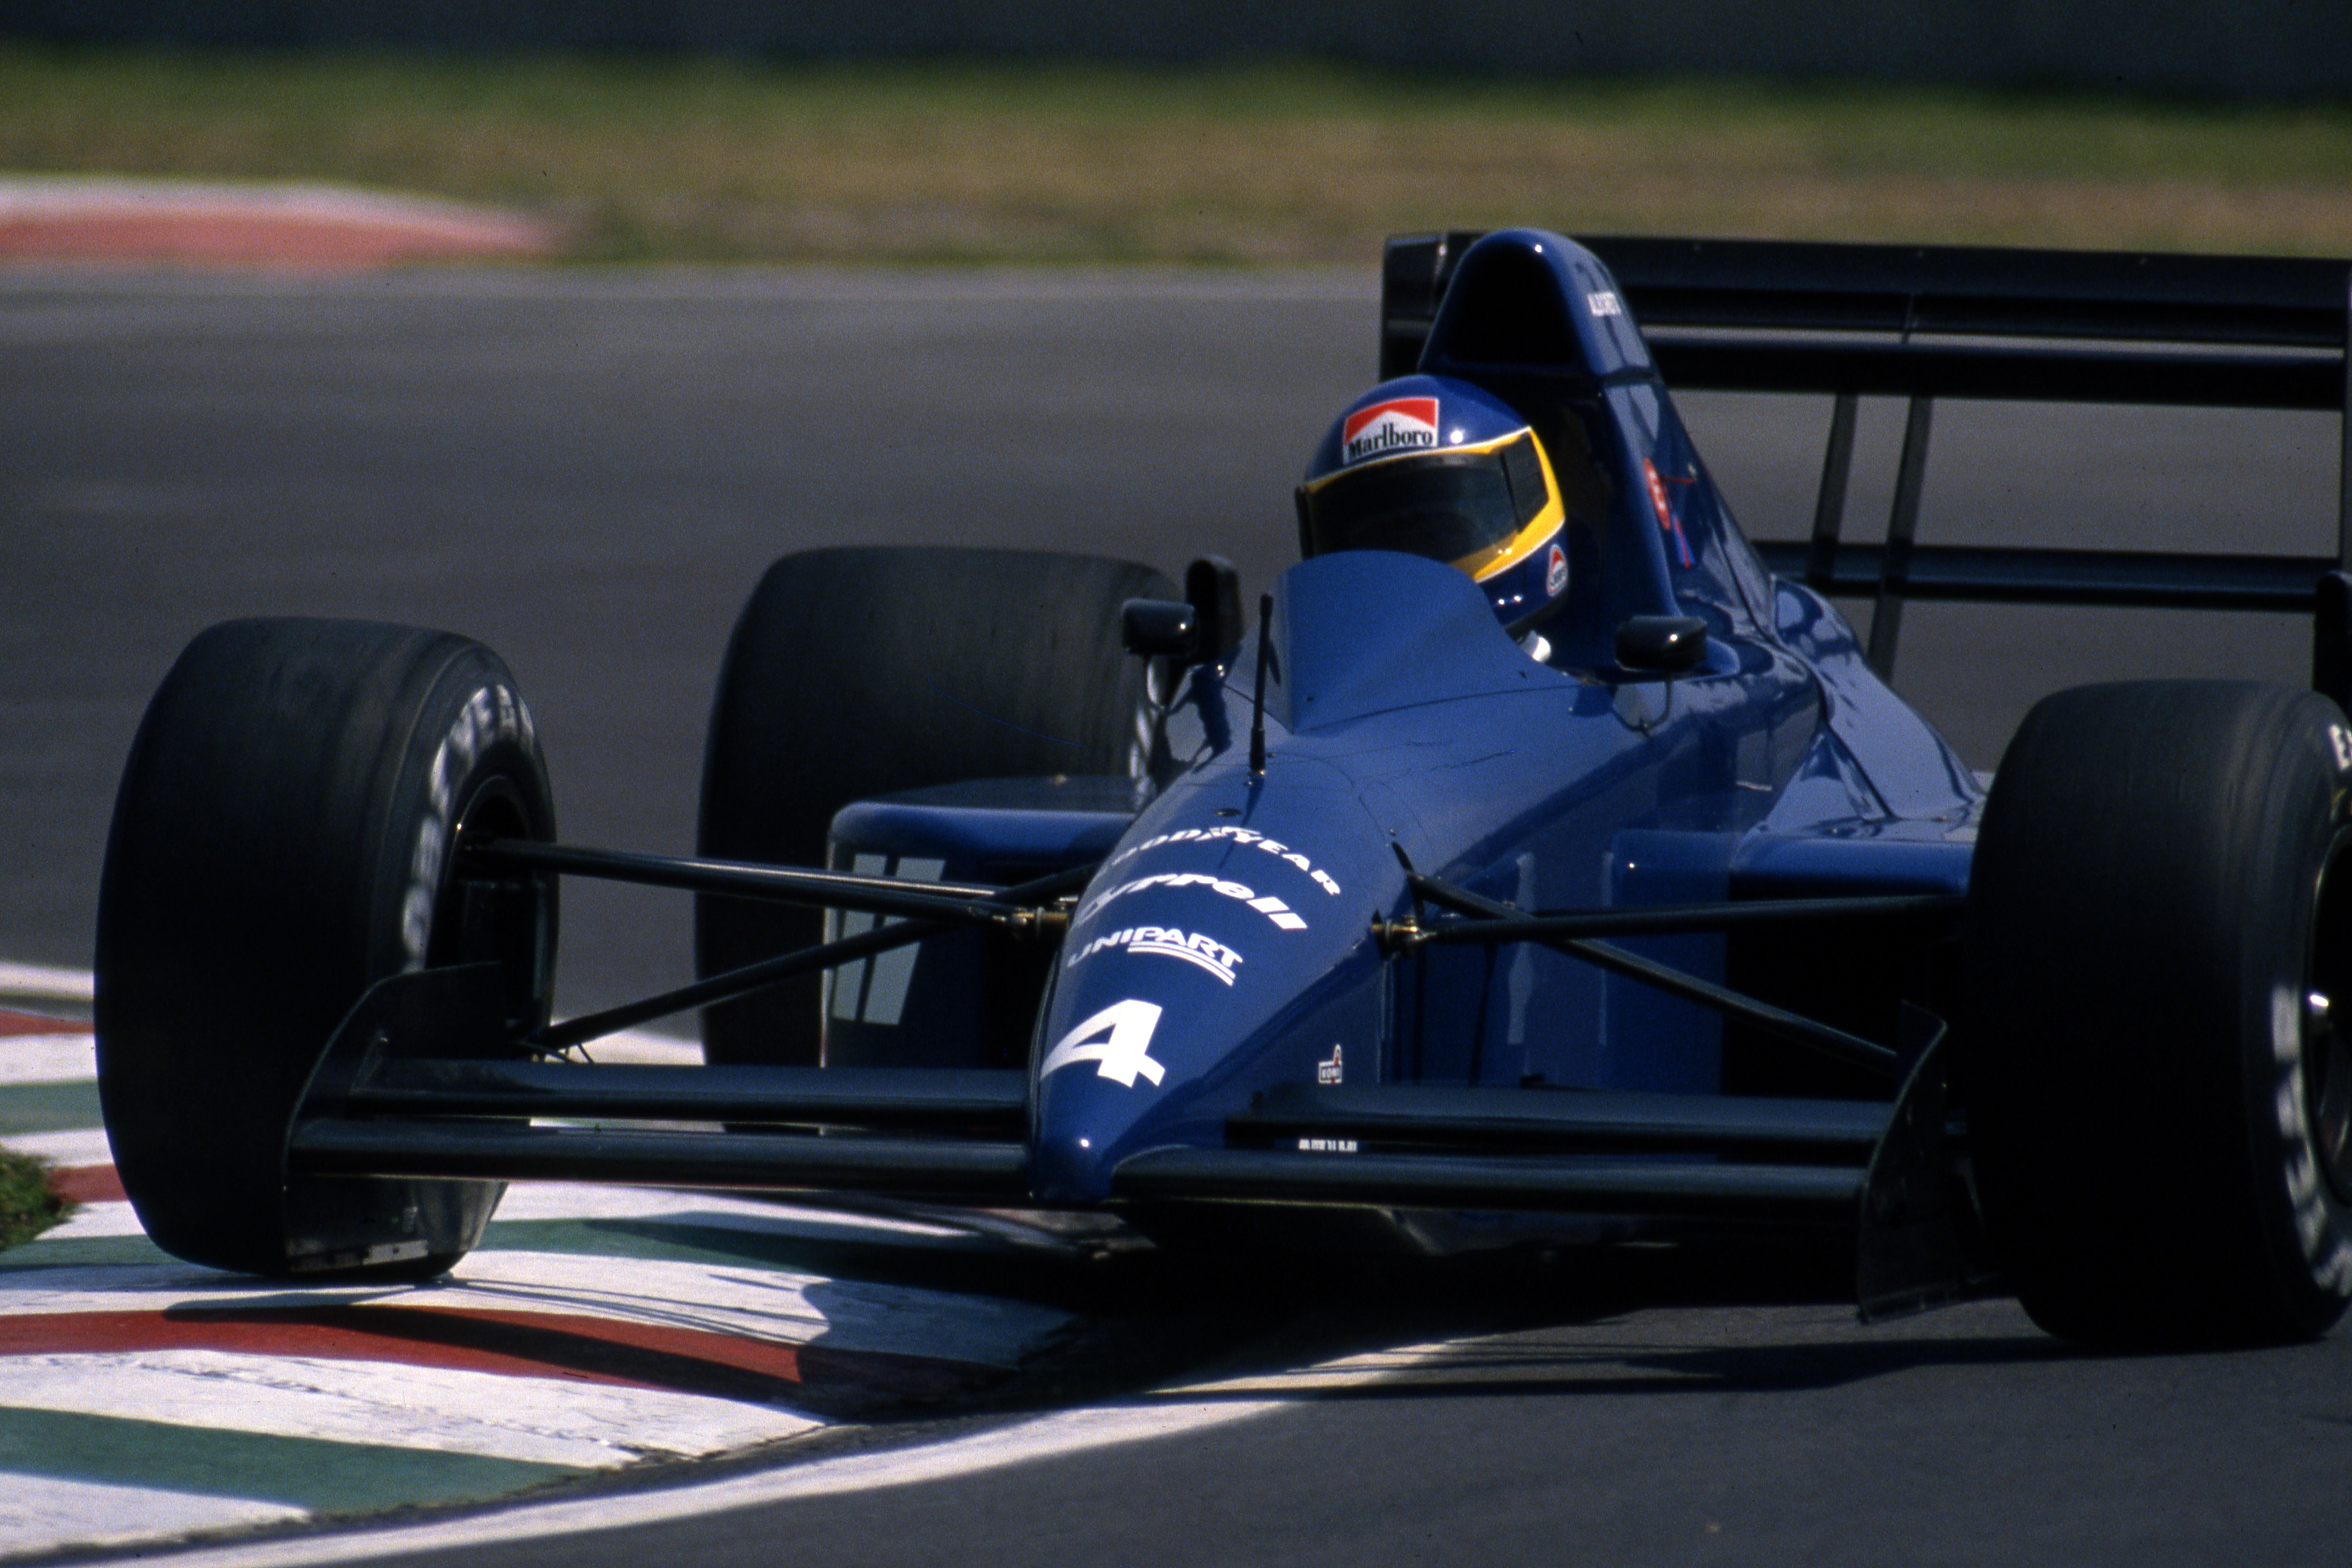 Mexican Grand Prix Mexico City (mex) 26 28 05 1989